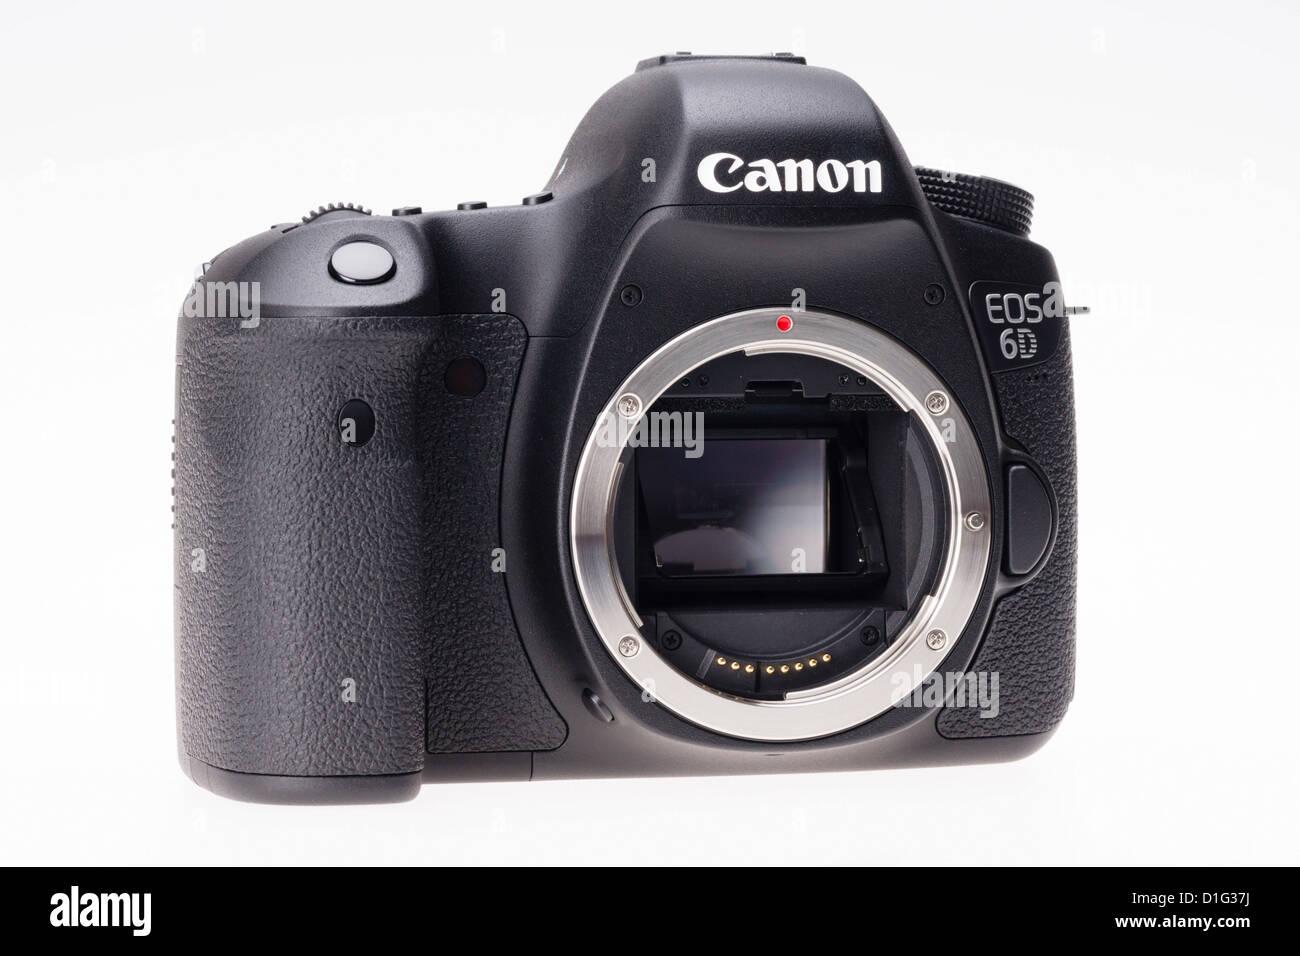 Canon Eos 6d Imágenes De Stock & Canon Eos 6d Fotos De Stock - Alamy